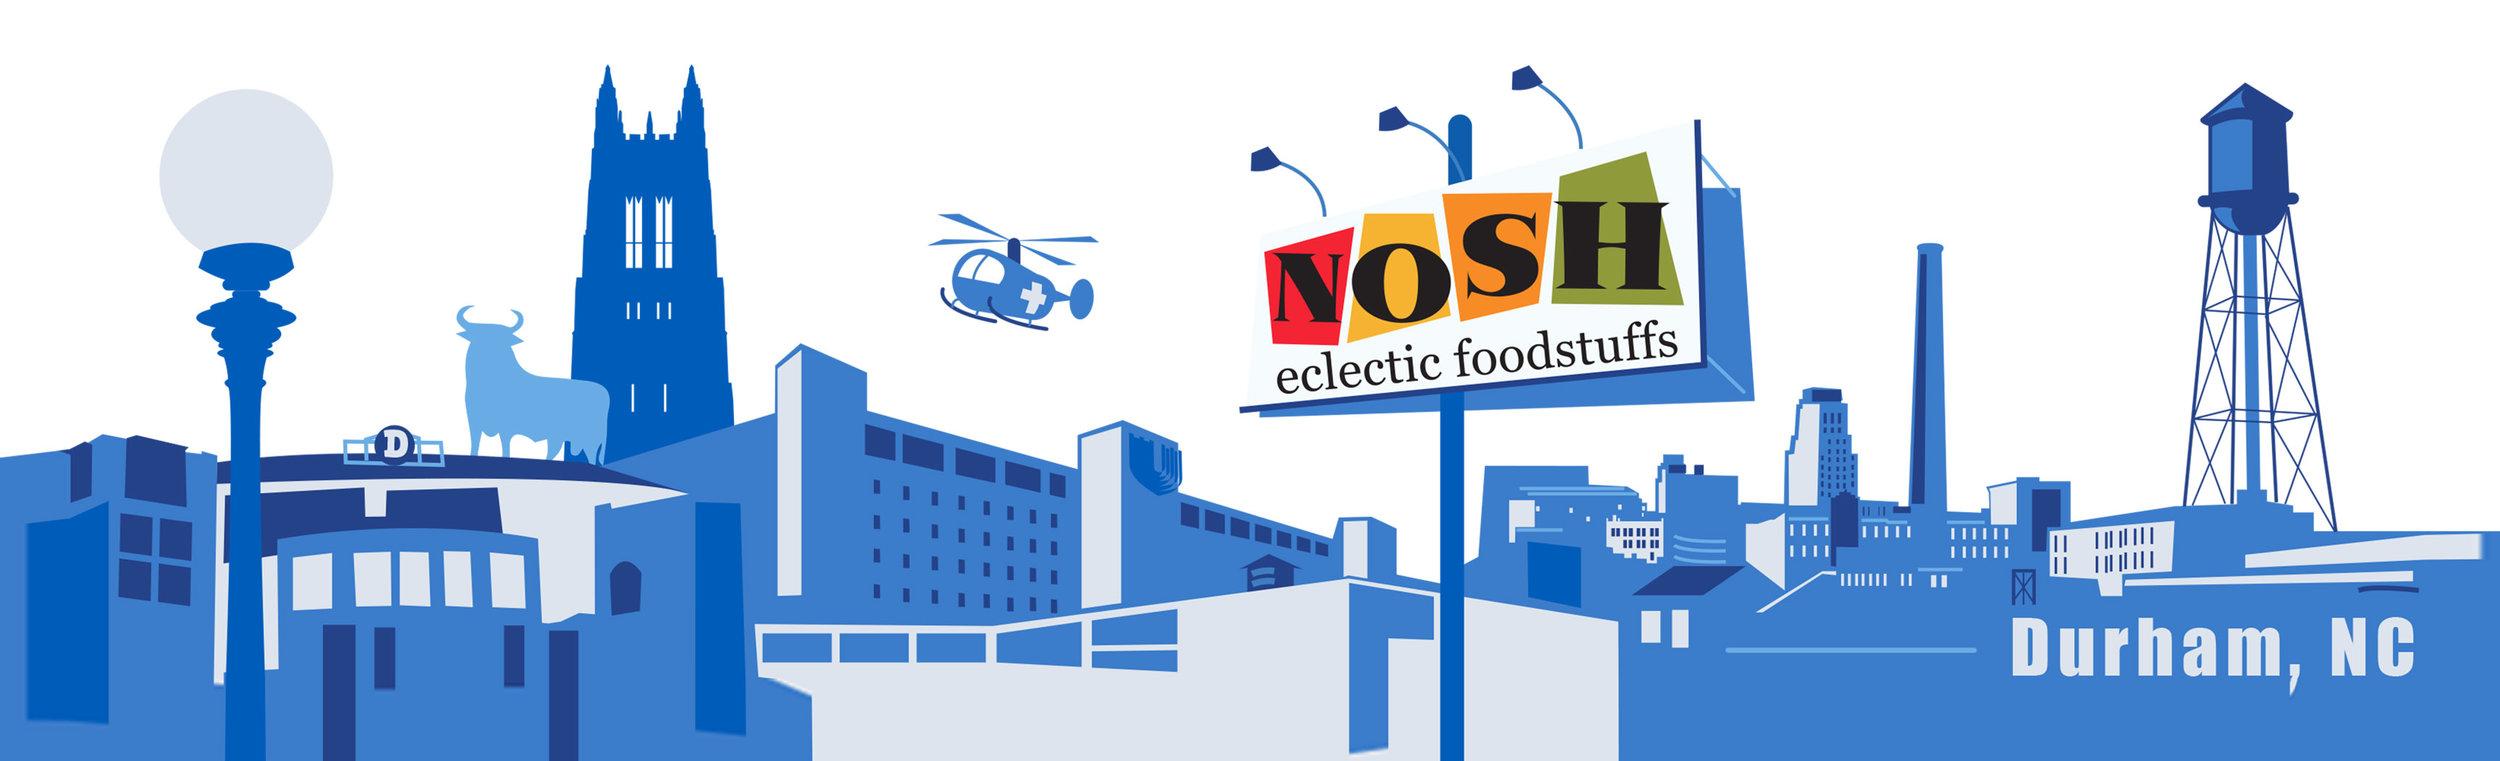 NOSH_Sticker.jpg